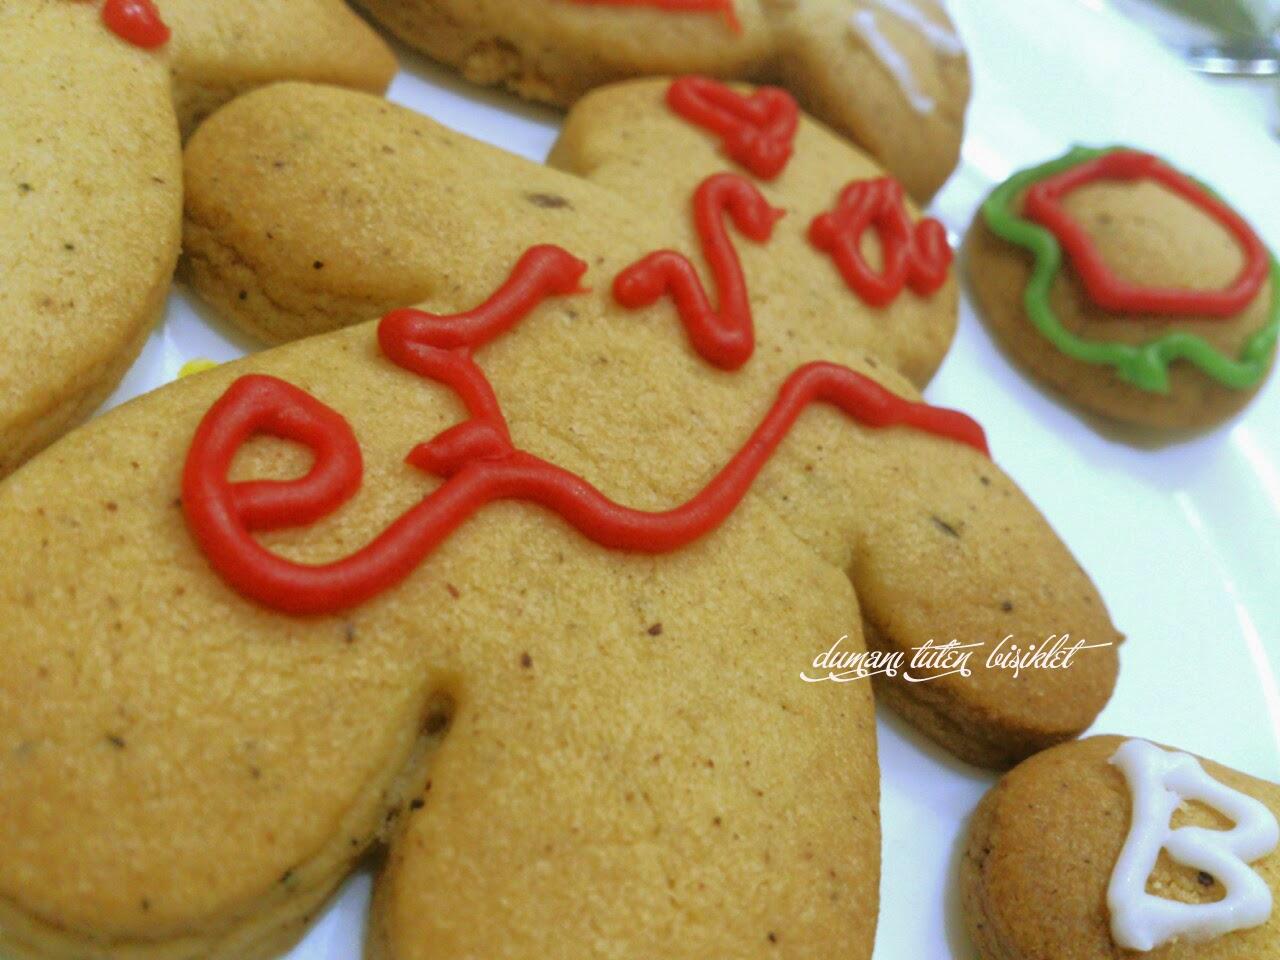 tarçınlı zencefilli kurabiye yılbaşı kurabiyesi